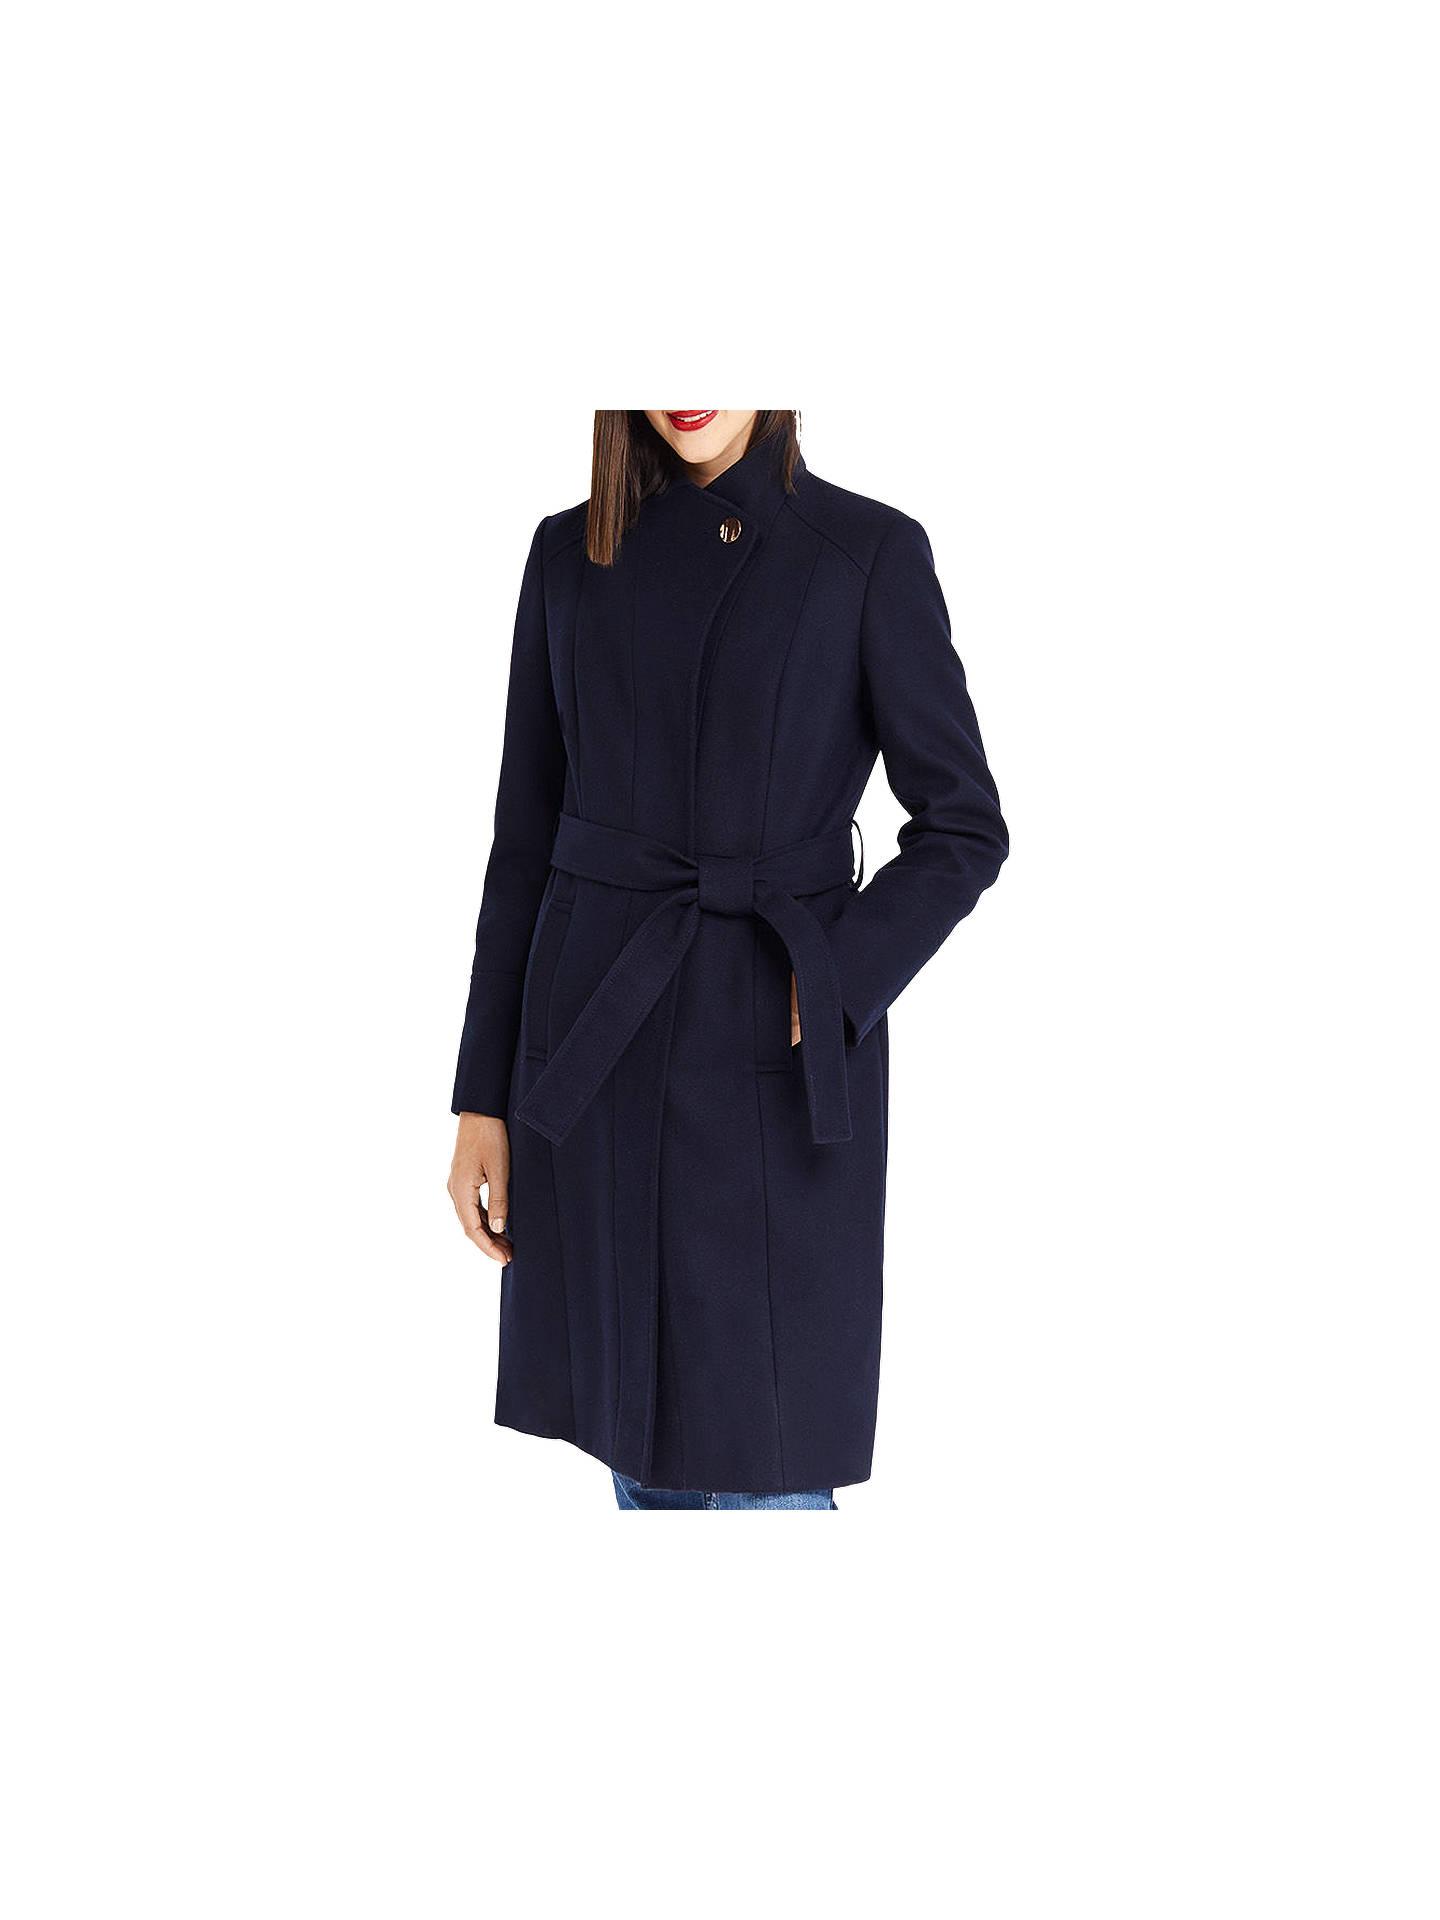 Oasis Funnel Neck Coat, Black at John Lewis & Partners